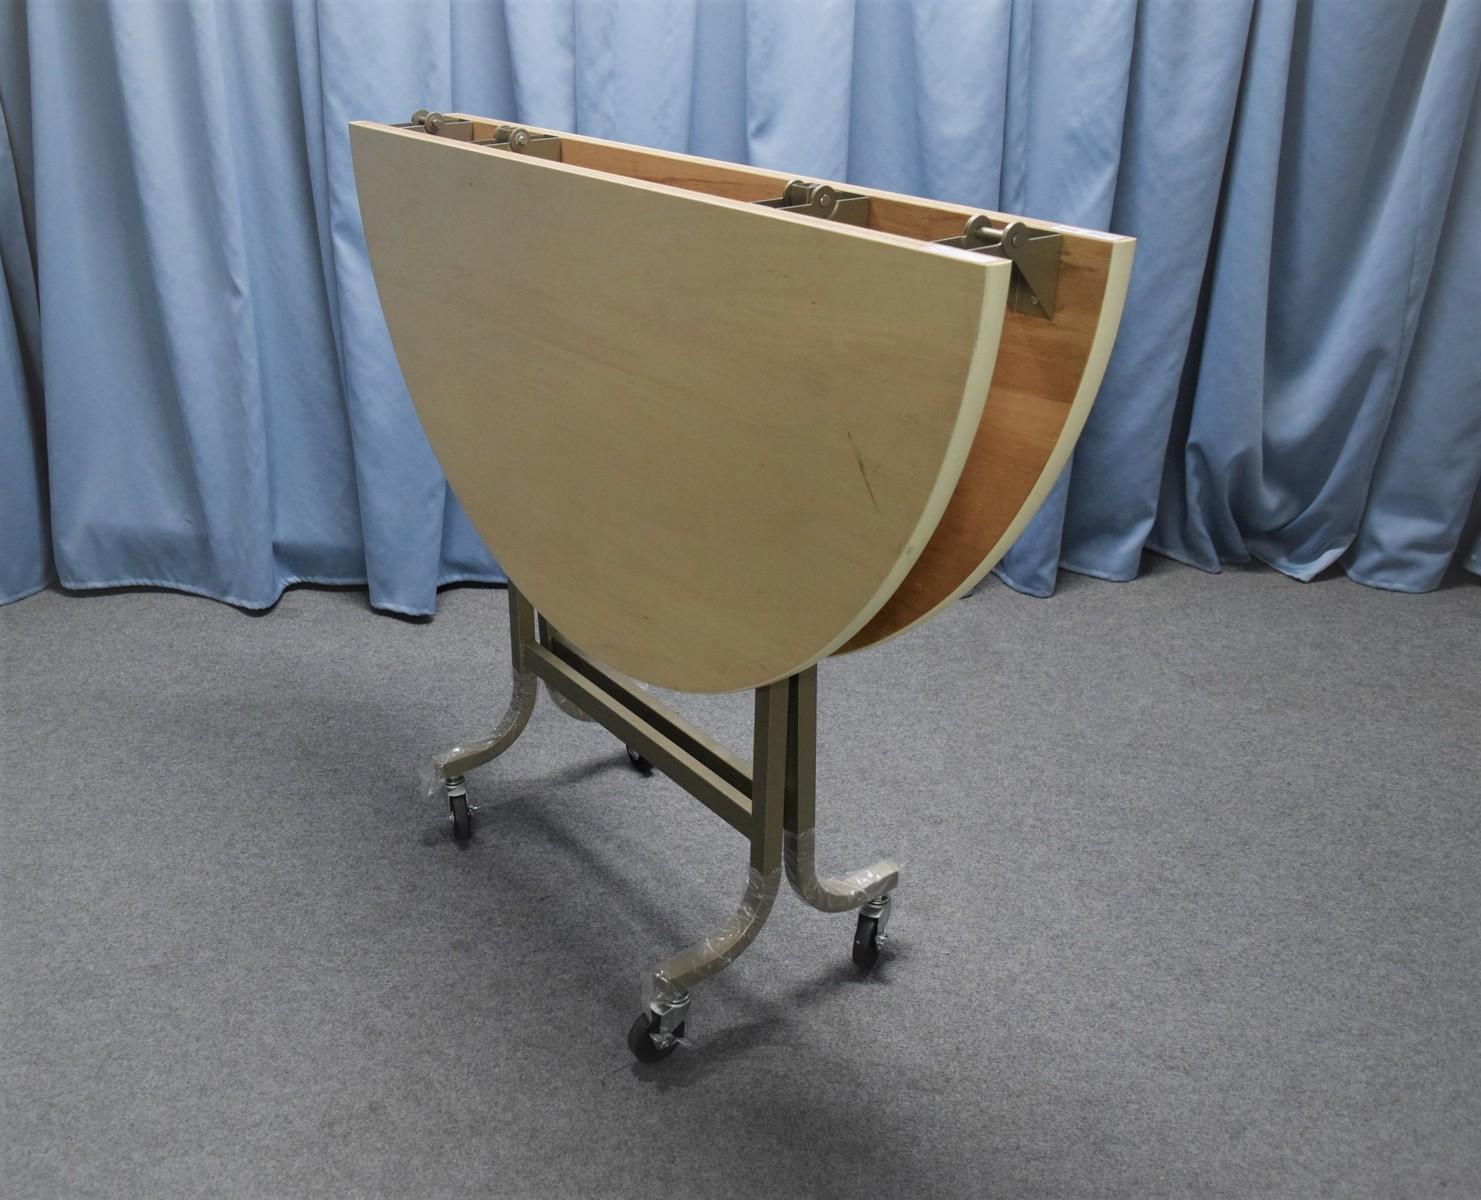 丸フライトテーブル1200φ高さ700mm 天板:シナベニヤソフト巻 脚部:スチール製焼付塗装 特徴:折りたたみ式・キャスター付 商品コンディションランキング:B